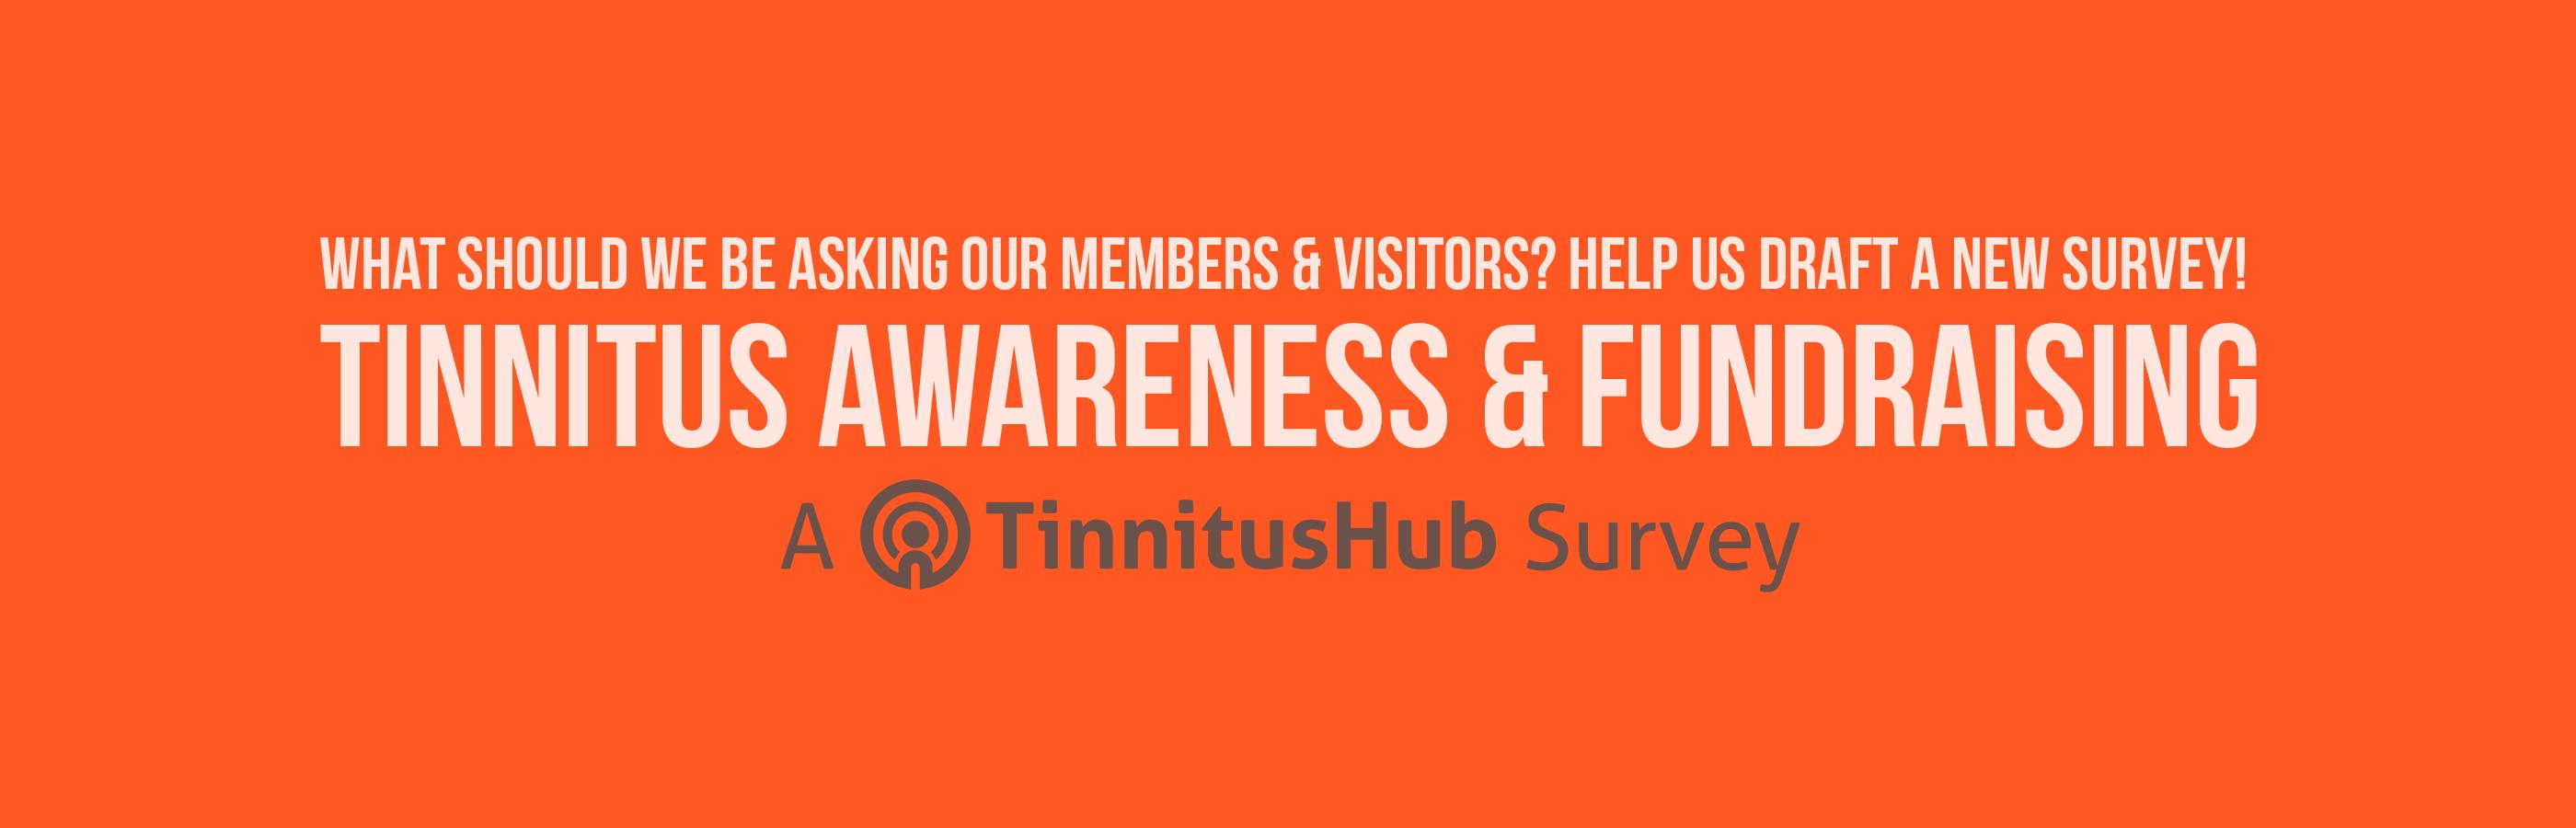 tinnitus-hub-awareness-fundraising-survey.png